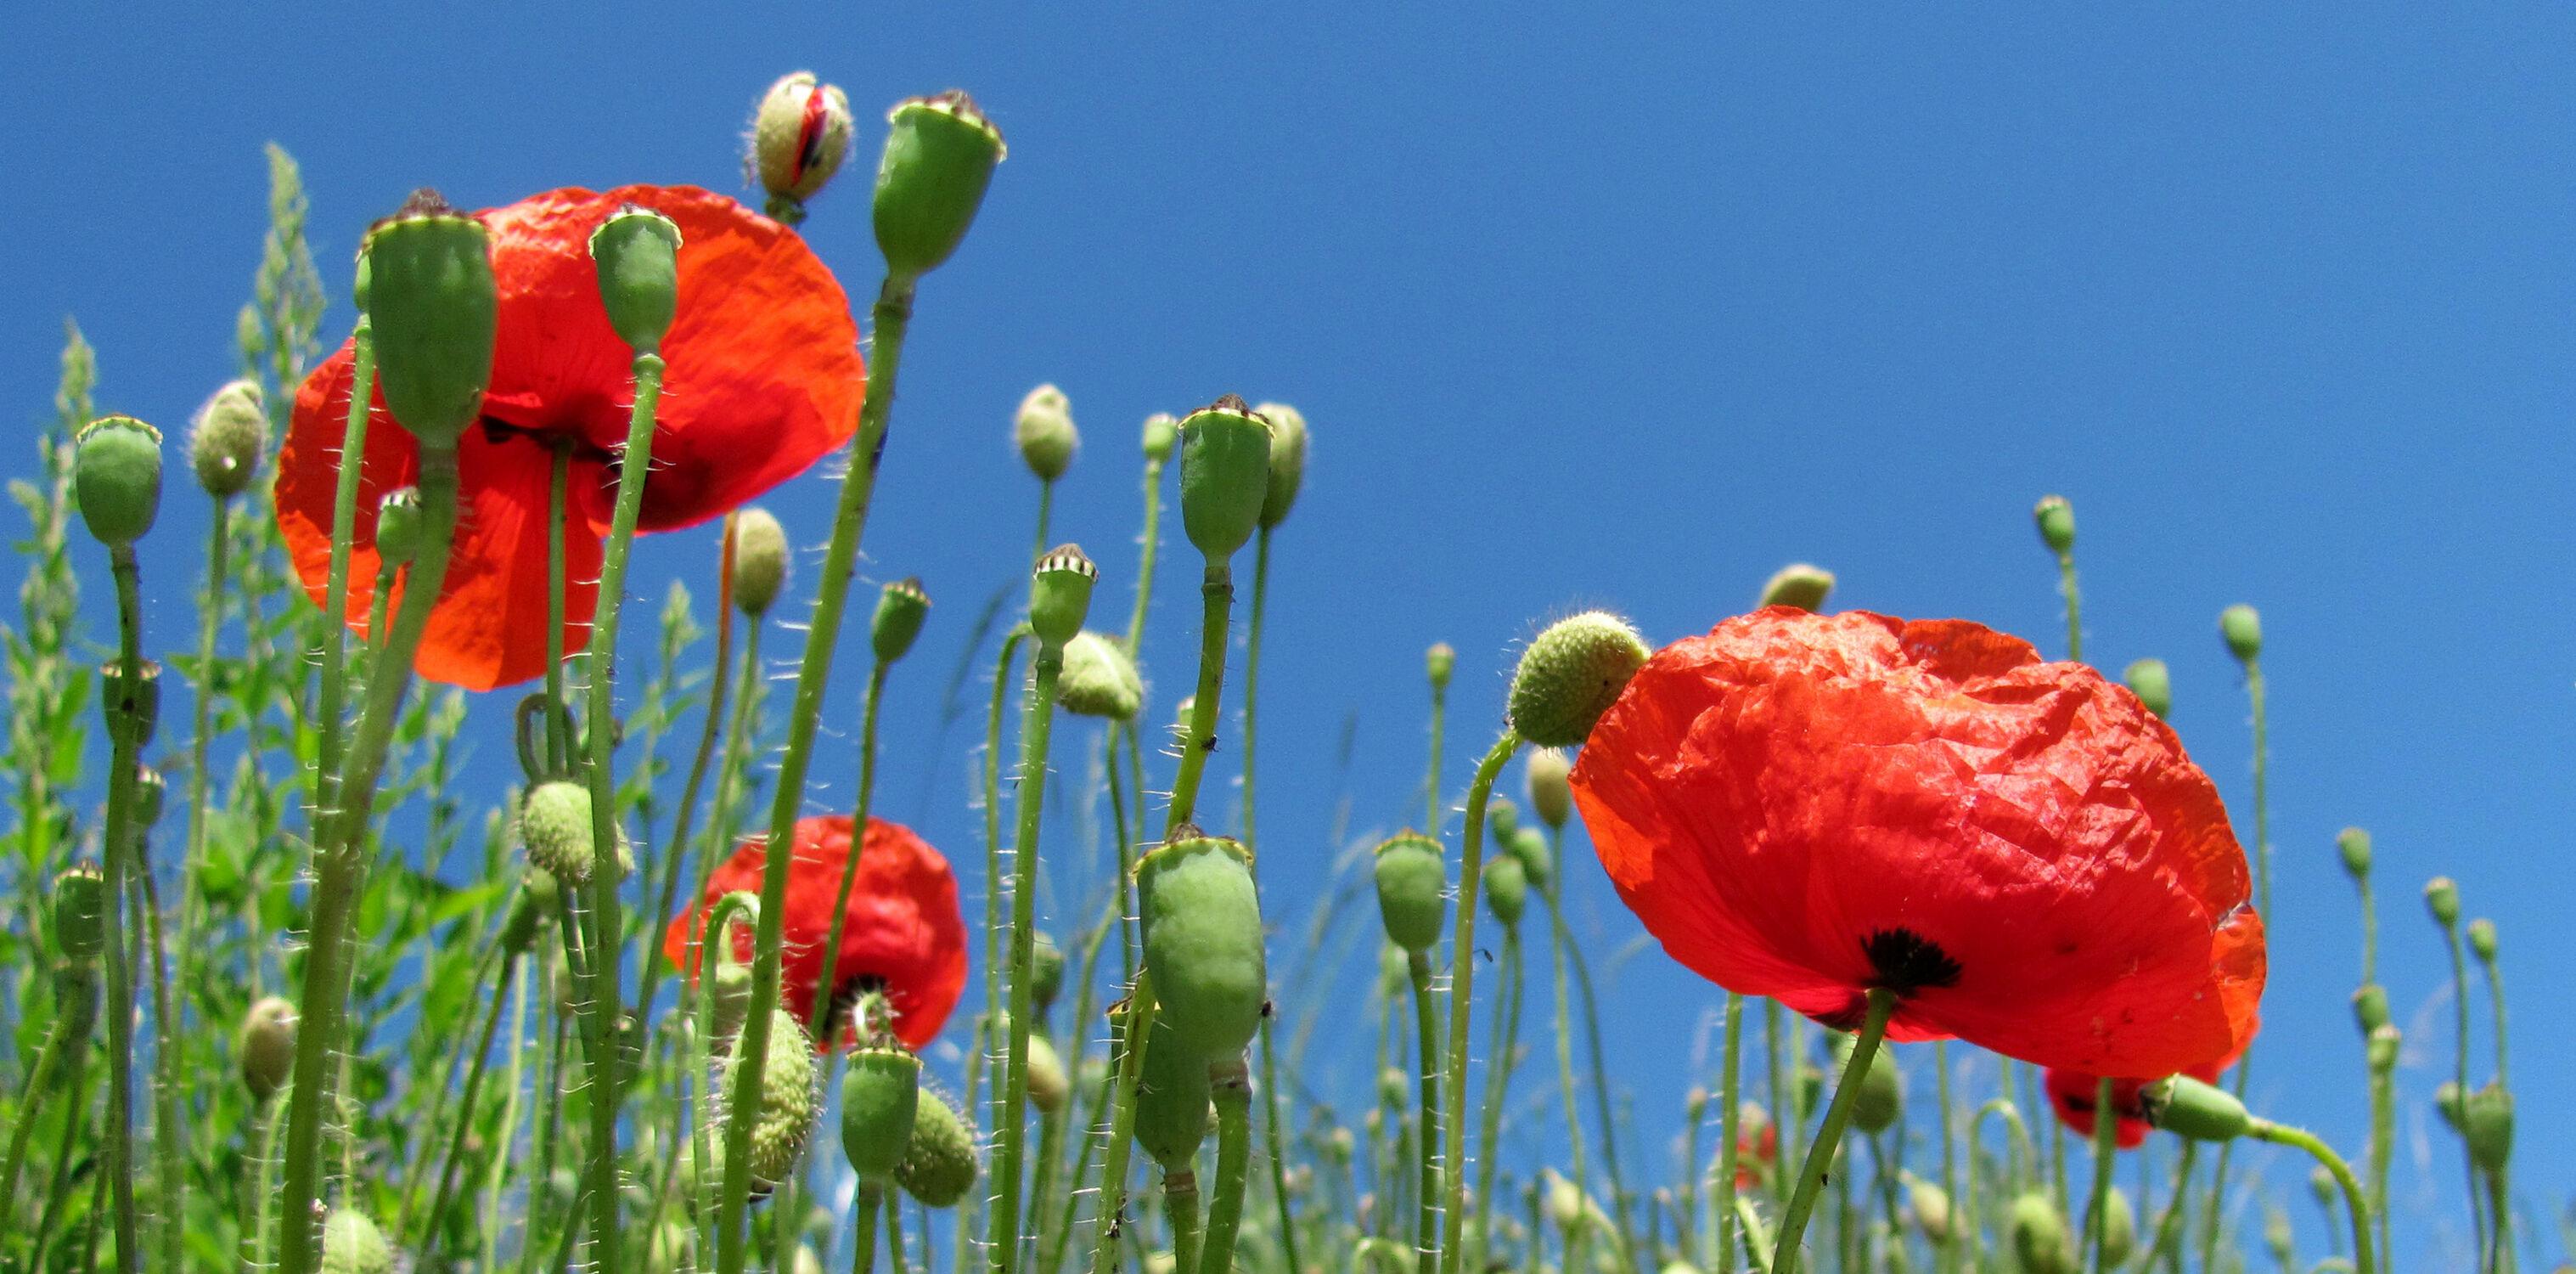 Bild mit Mohn, Mohnblume, Mohnfeld, Feld, Blüten, Mohnblumen, Mohnfelder, mohnblüten